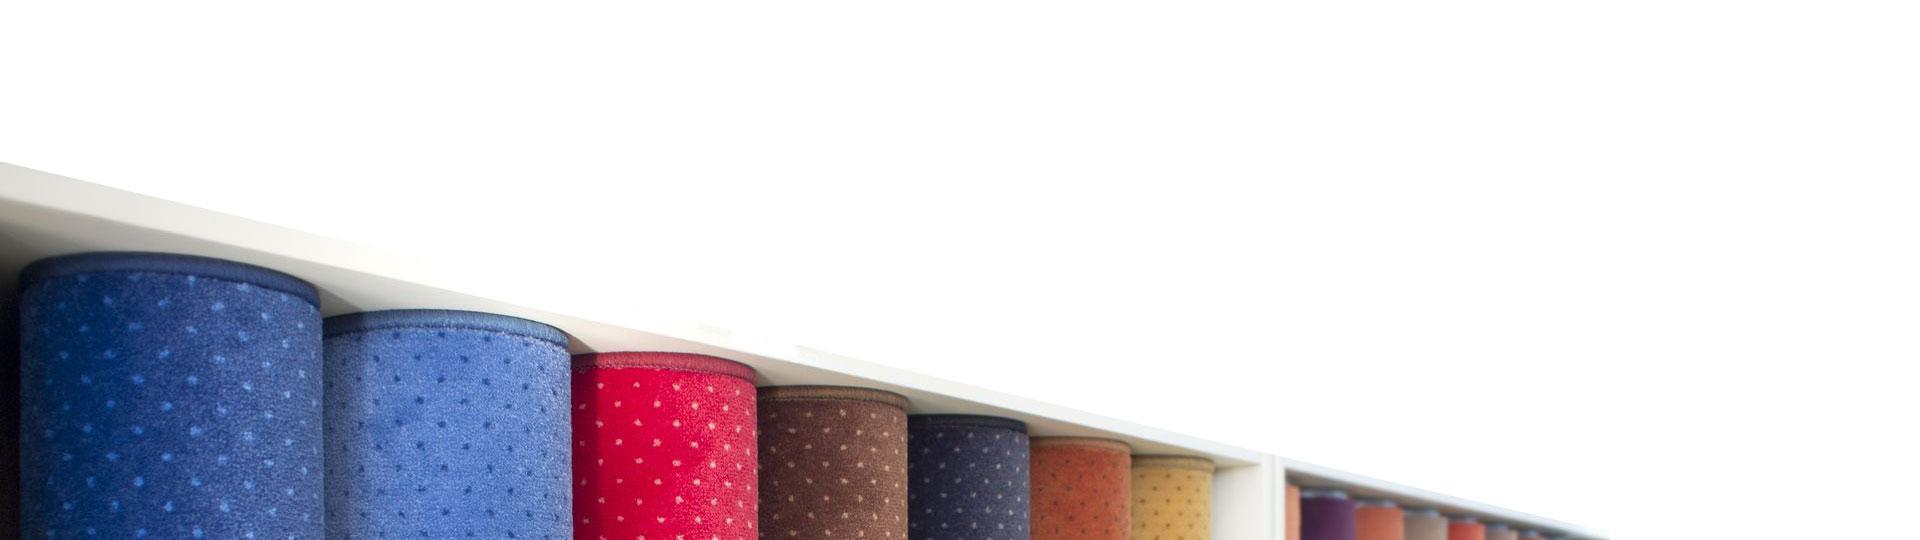 karpet king carpet retailers